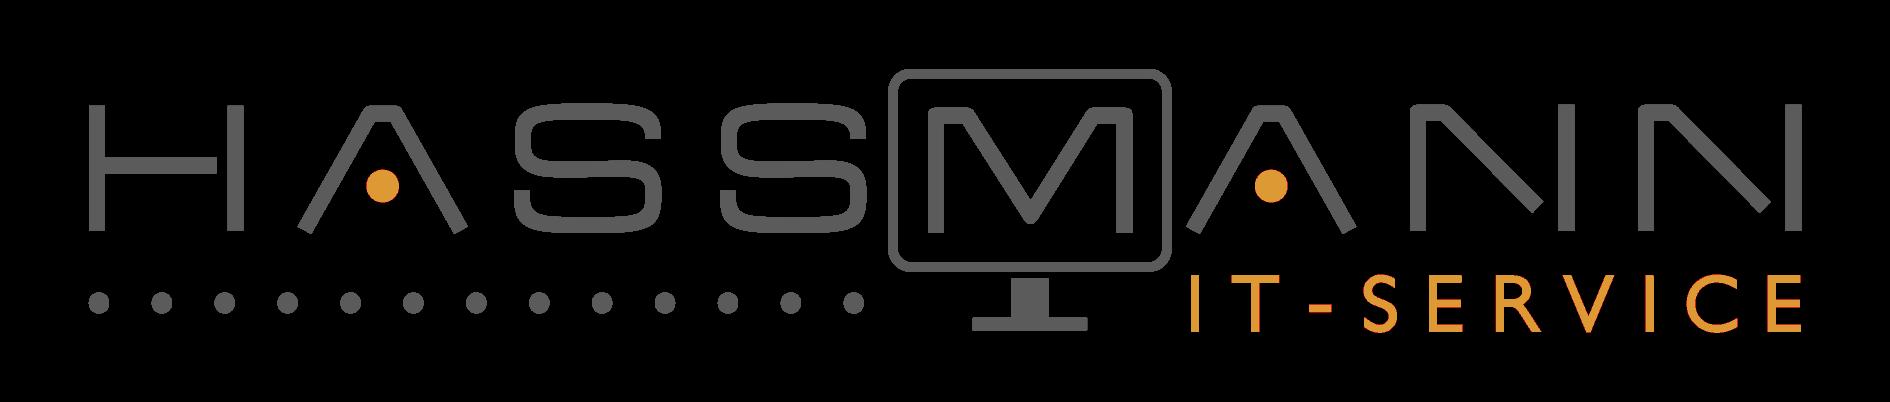 hassmann_logo_2019